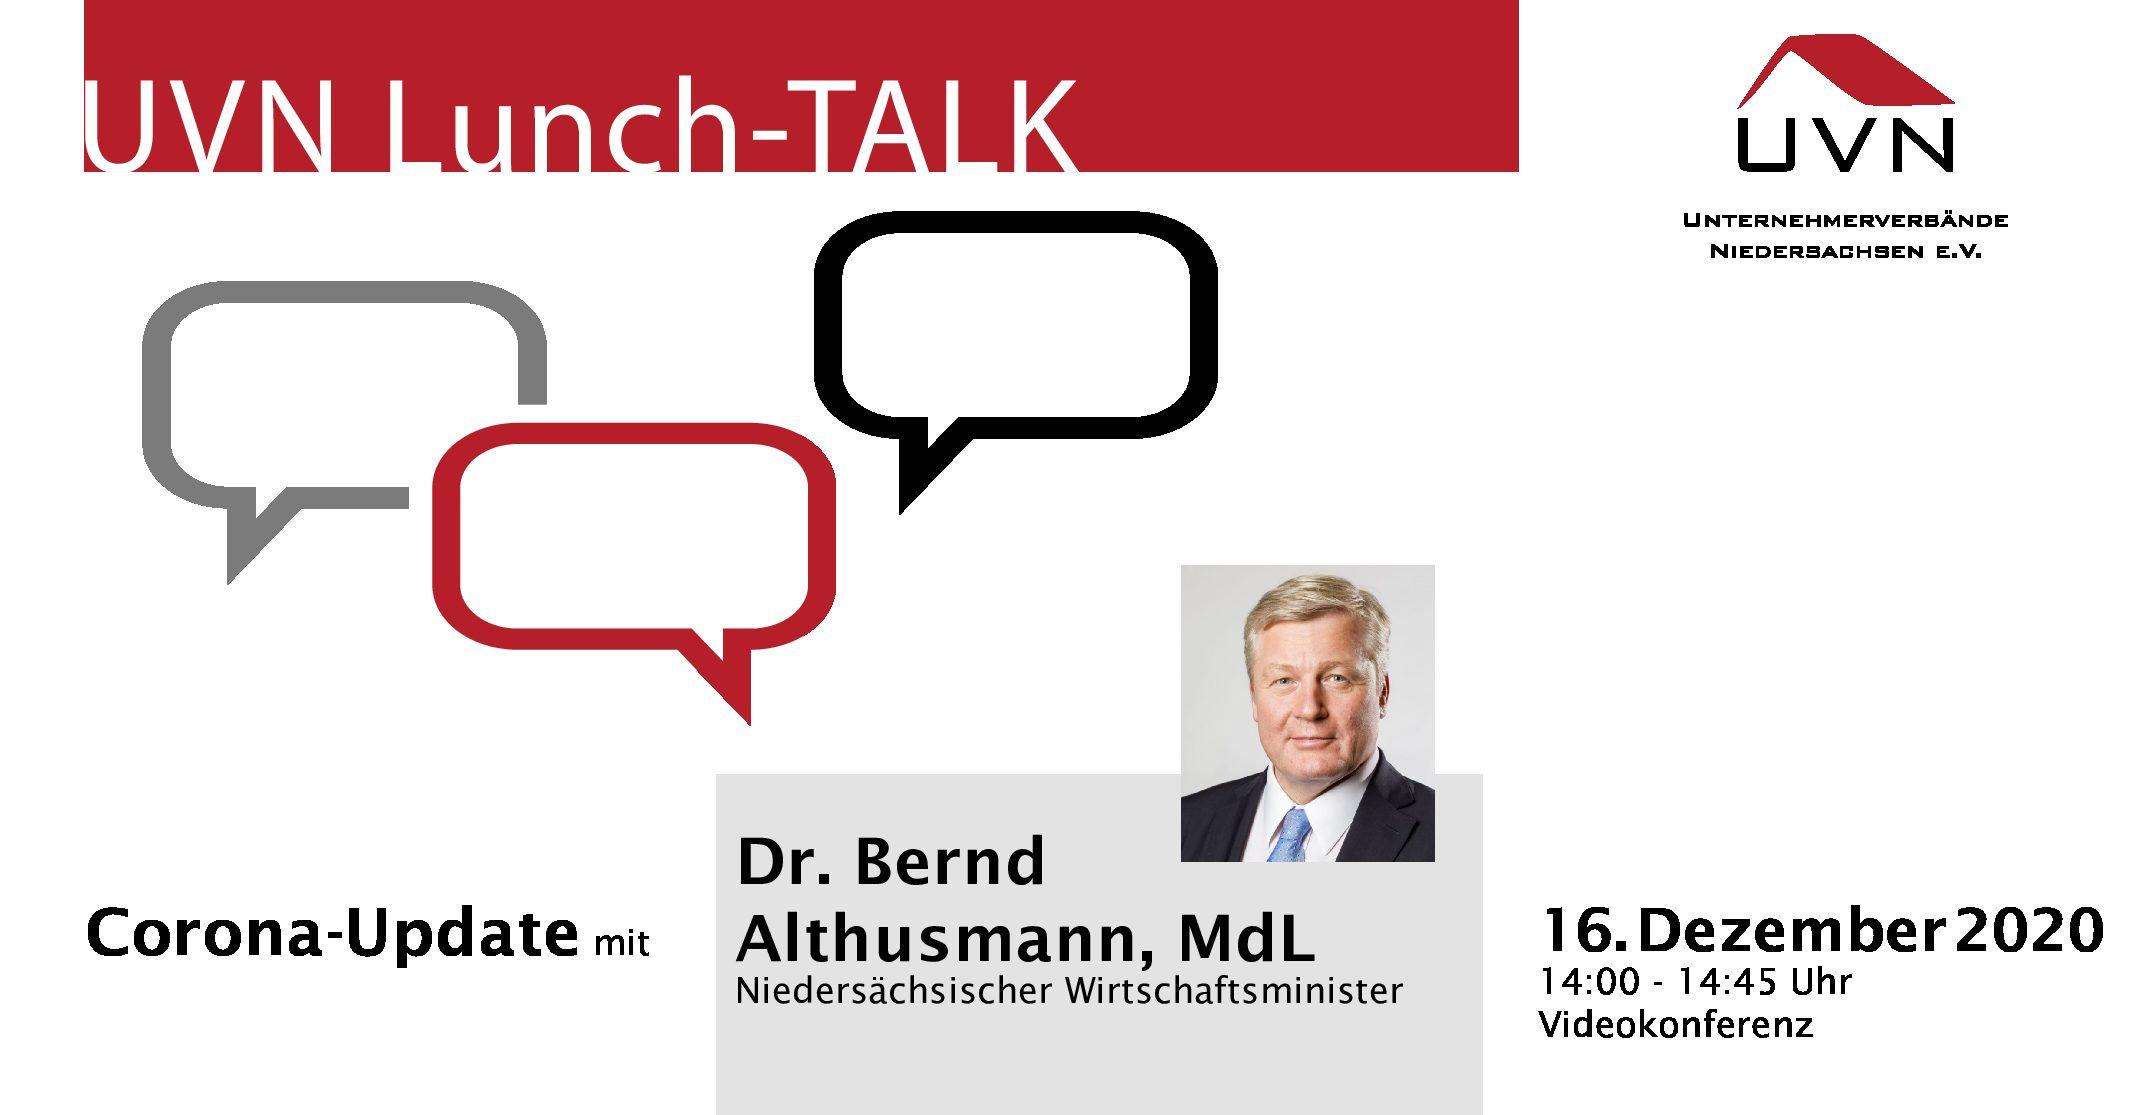 UVN-Lunch-Talk mit Dr. Bernd Althusmann (MdL), Niedersächsischer Minister für Wirtschaft, Arbeit, Verkehr und Digitalisierung